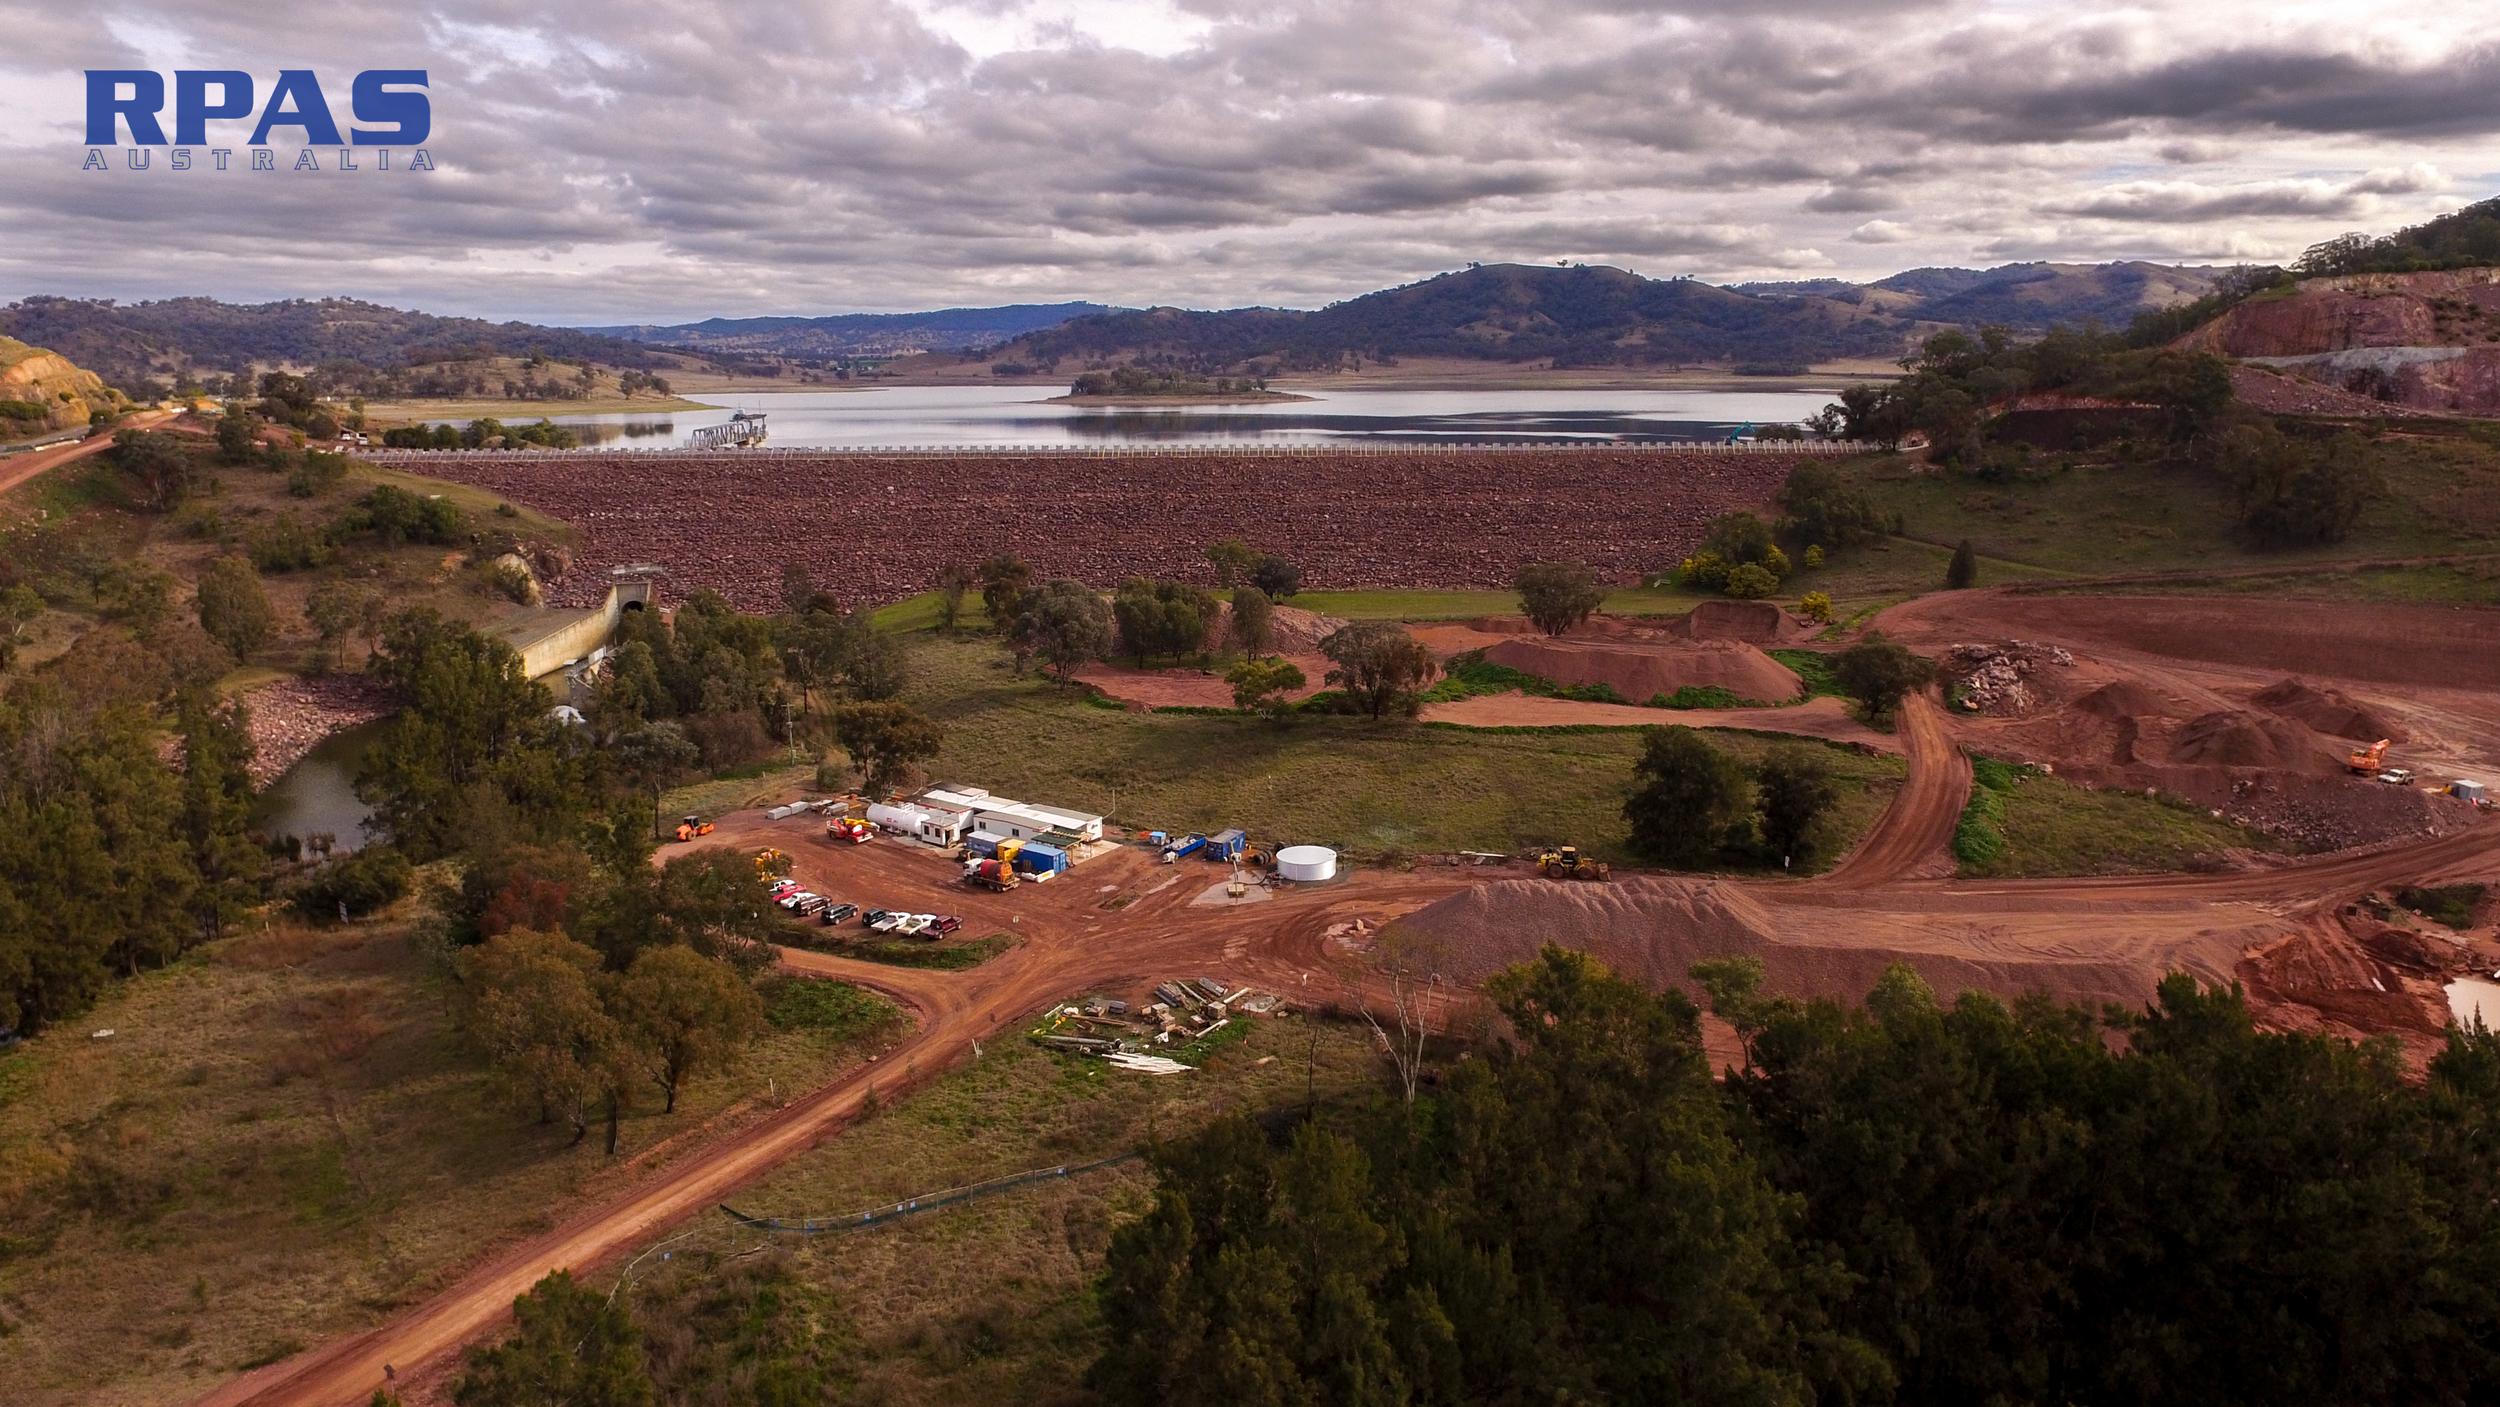 dam infrastructure